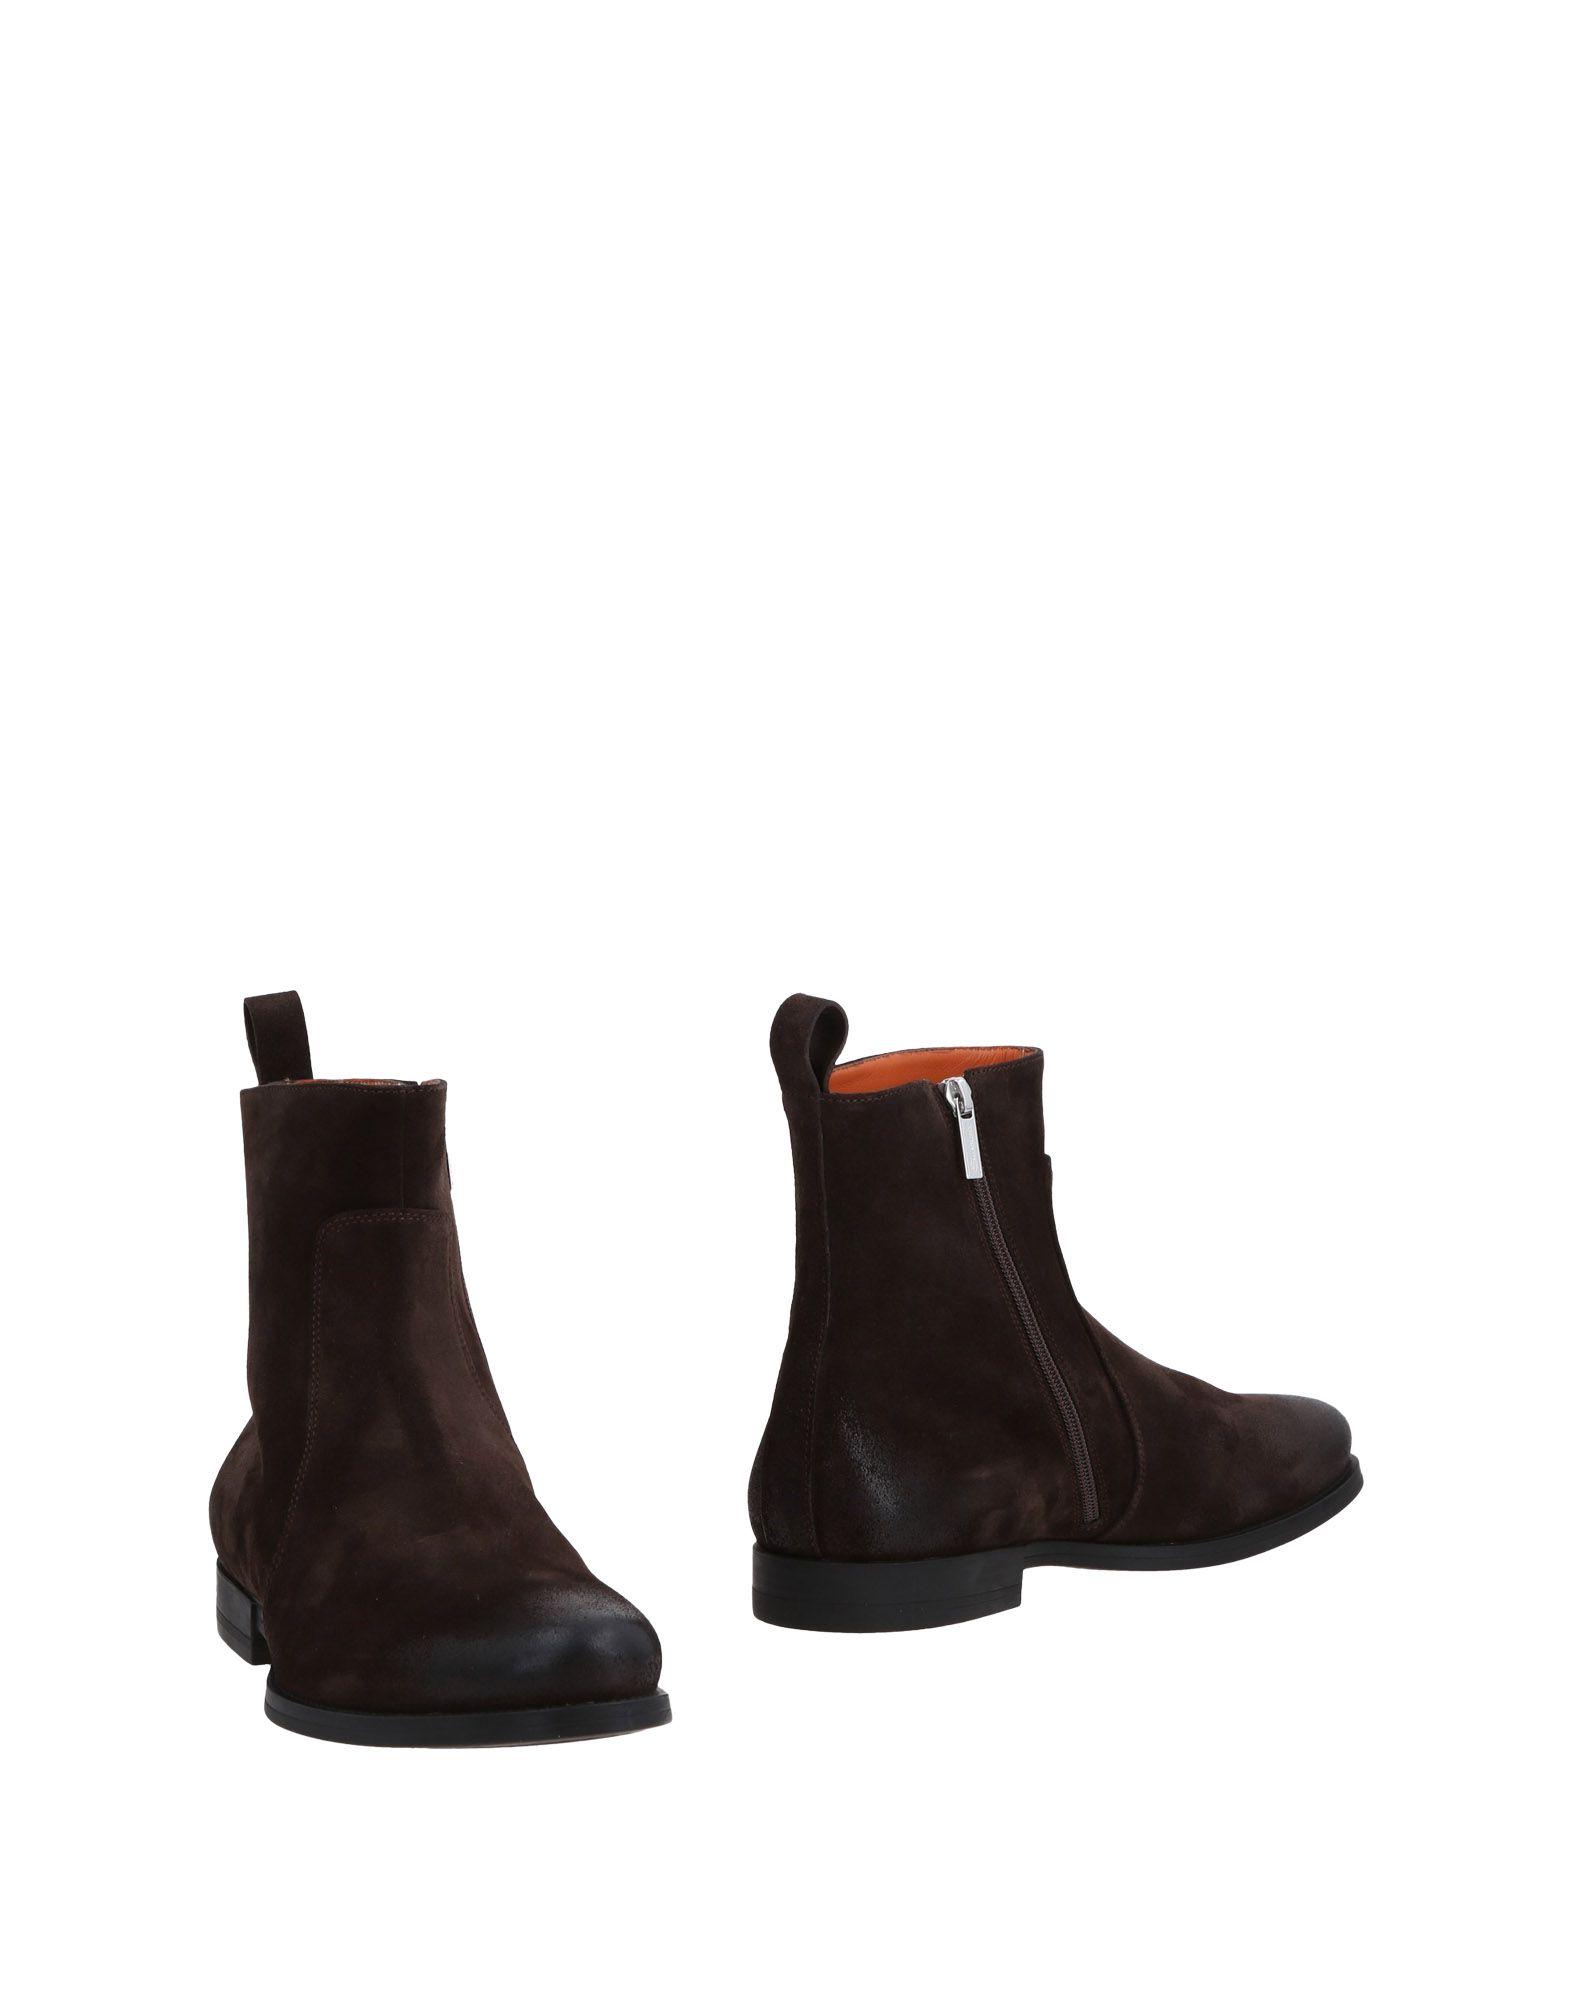 Santoni Stiefelette Herren  11478843NO Gute Qualität beliebte Schuhe